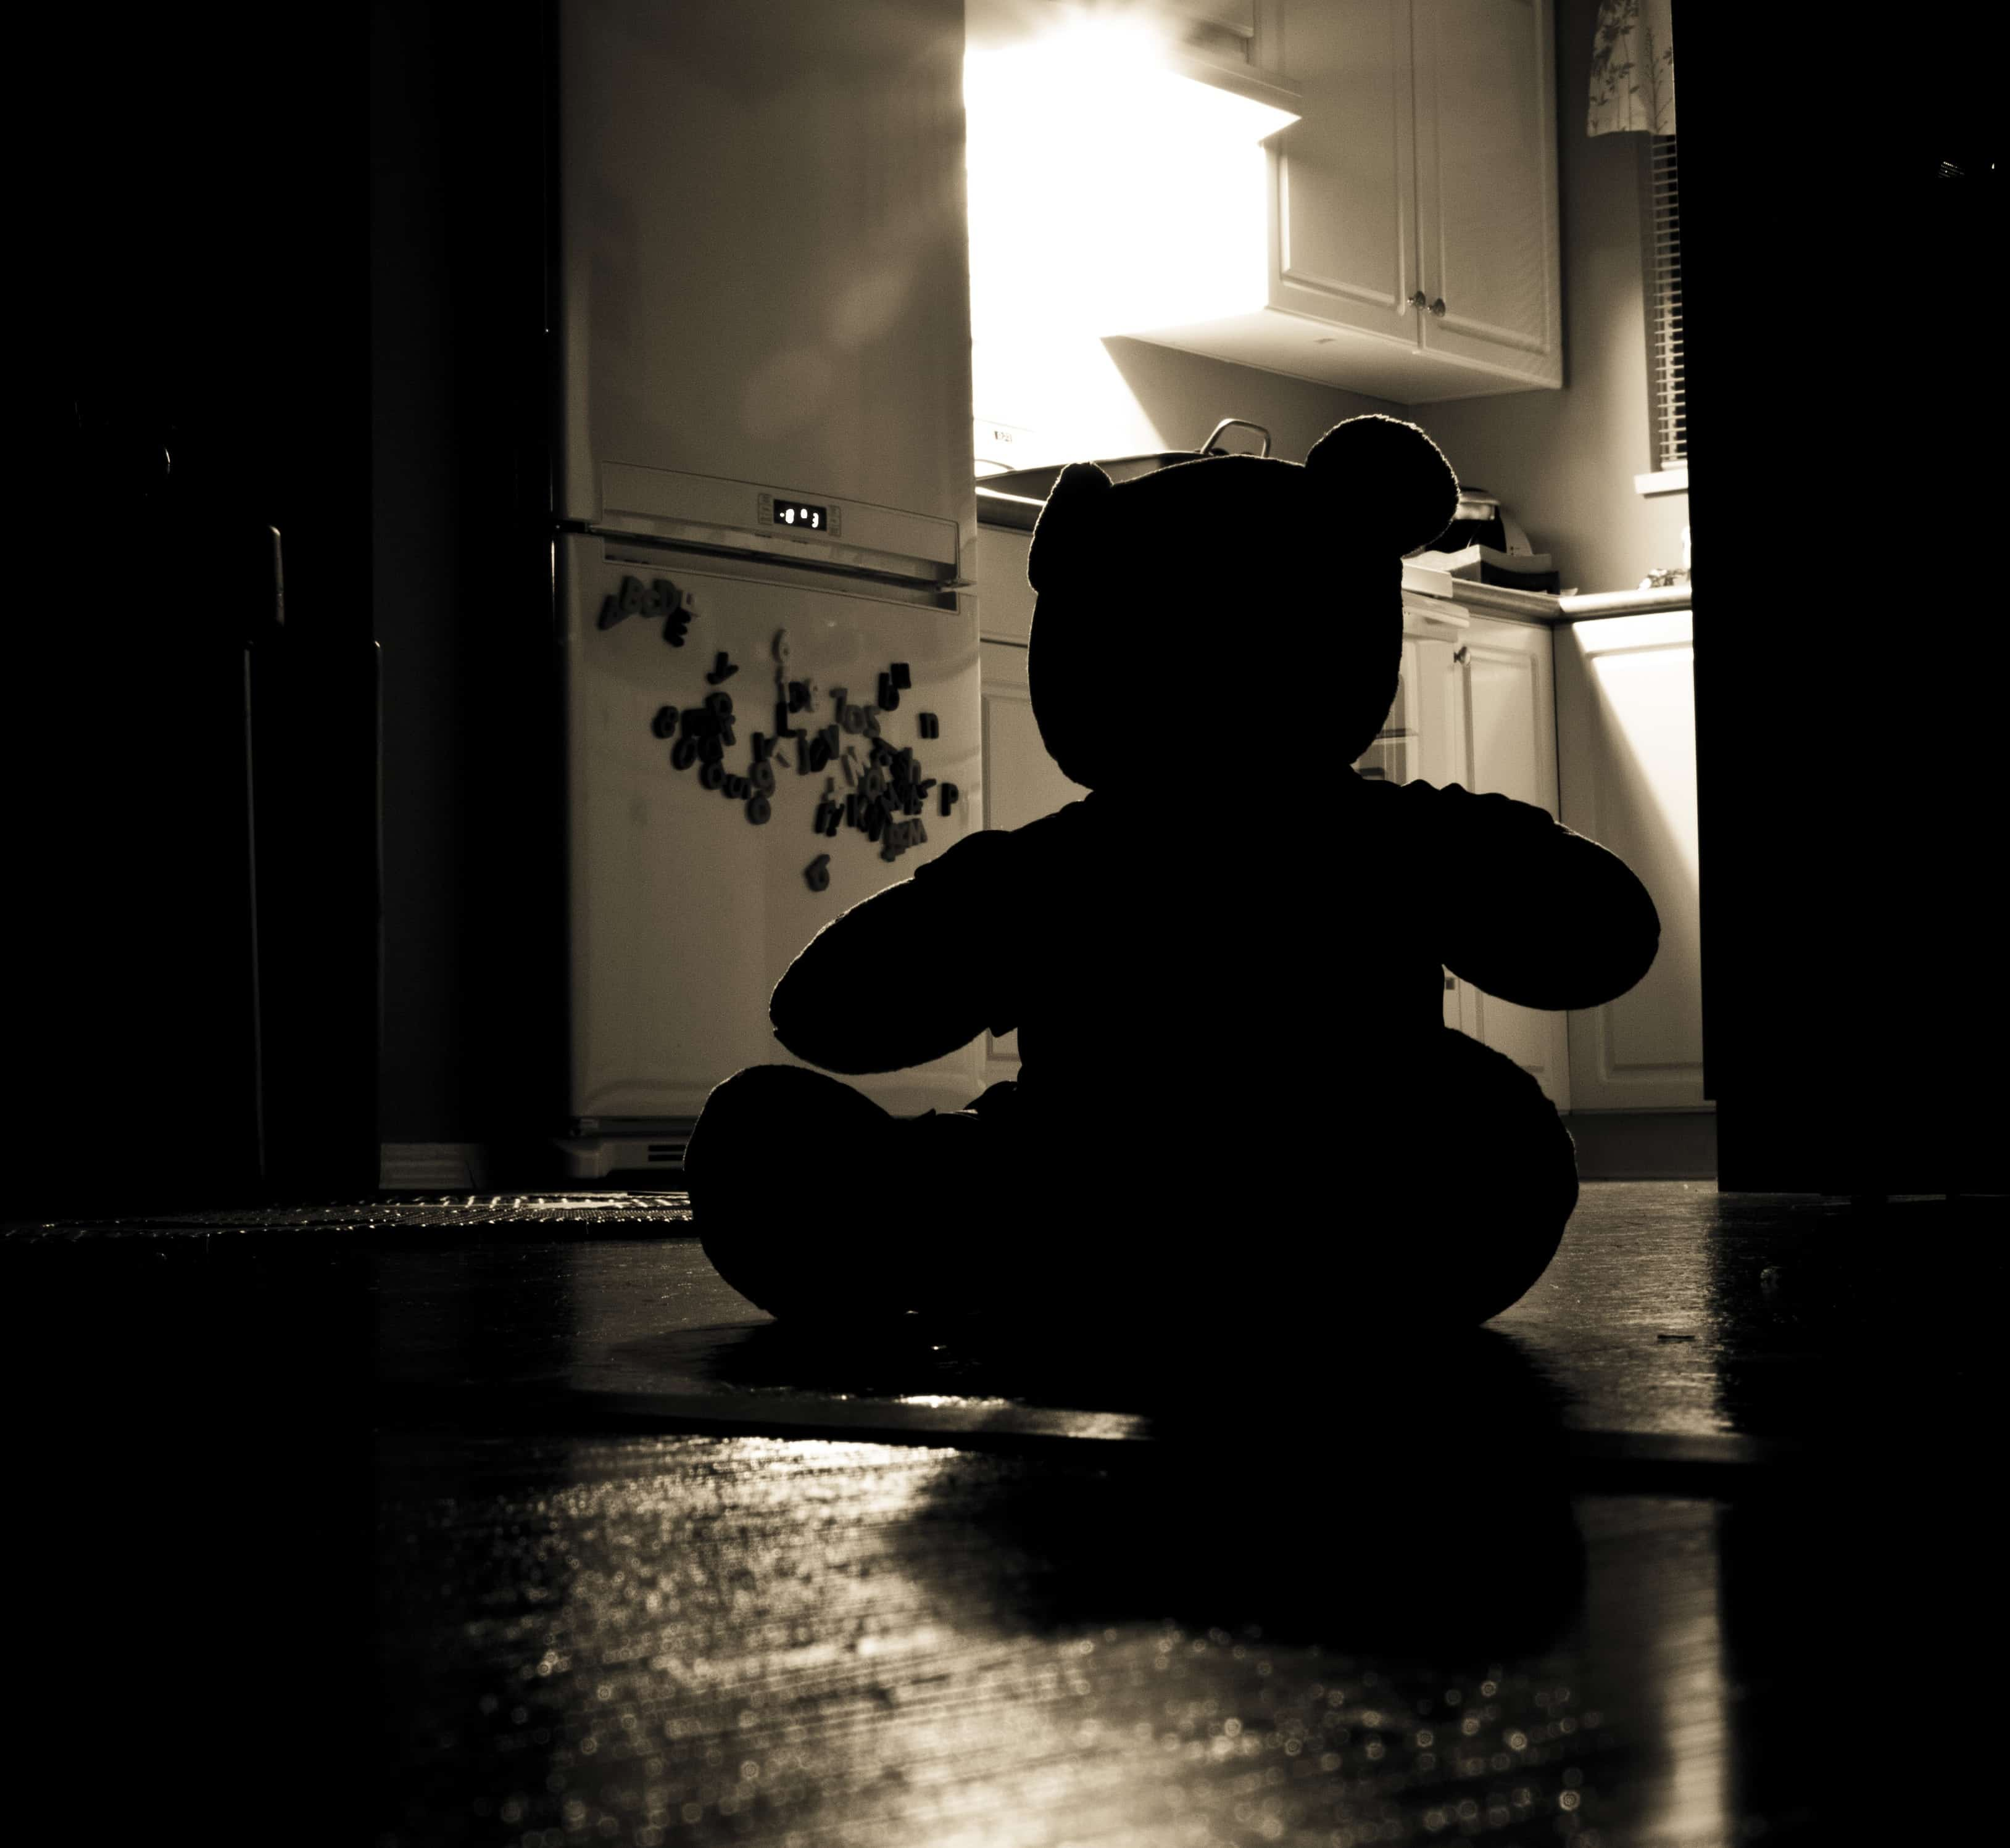 暗い部屋にいるテディベア